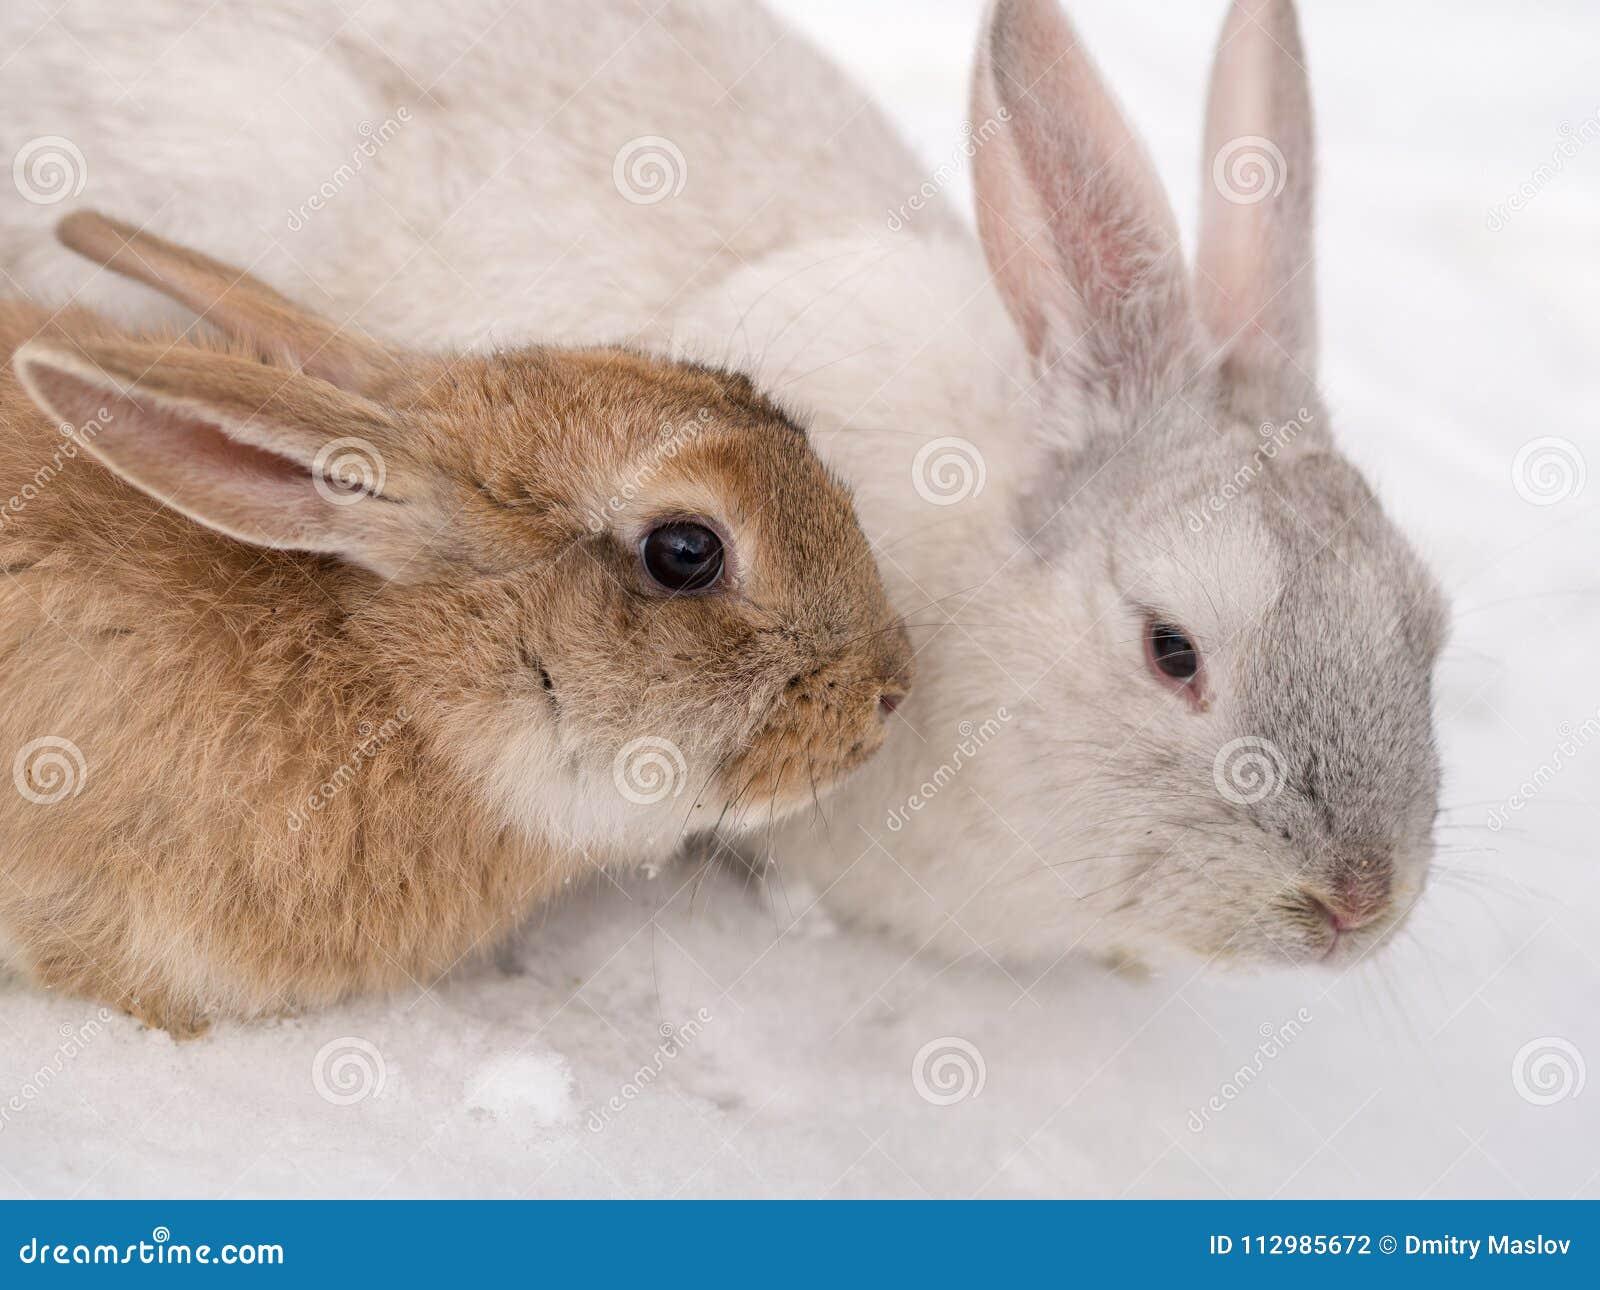 Two rabbits close up